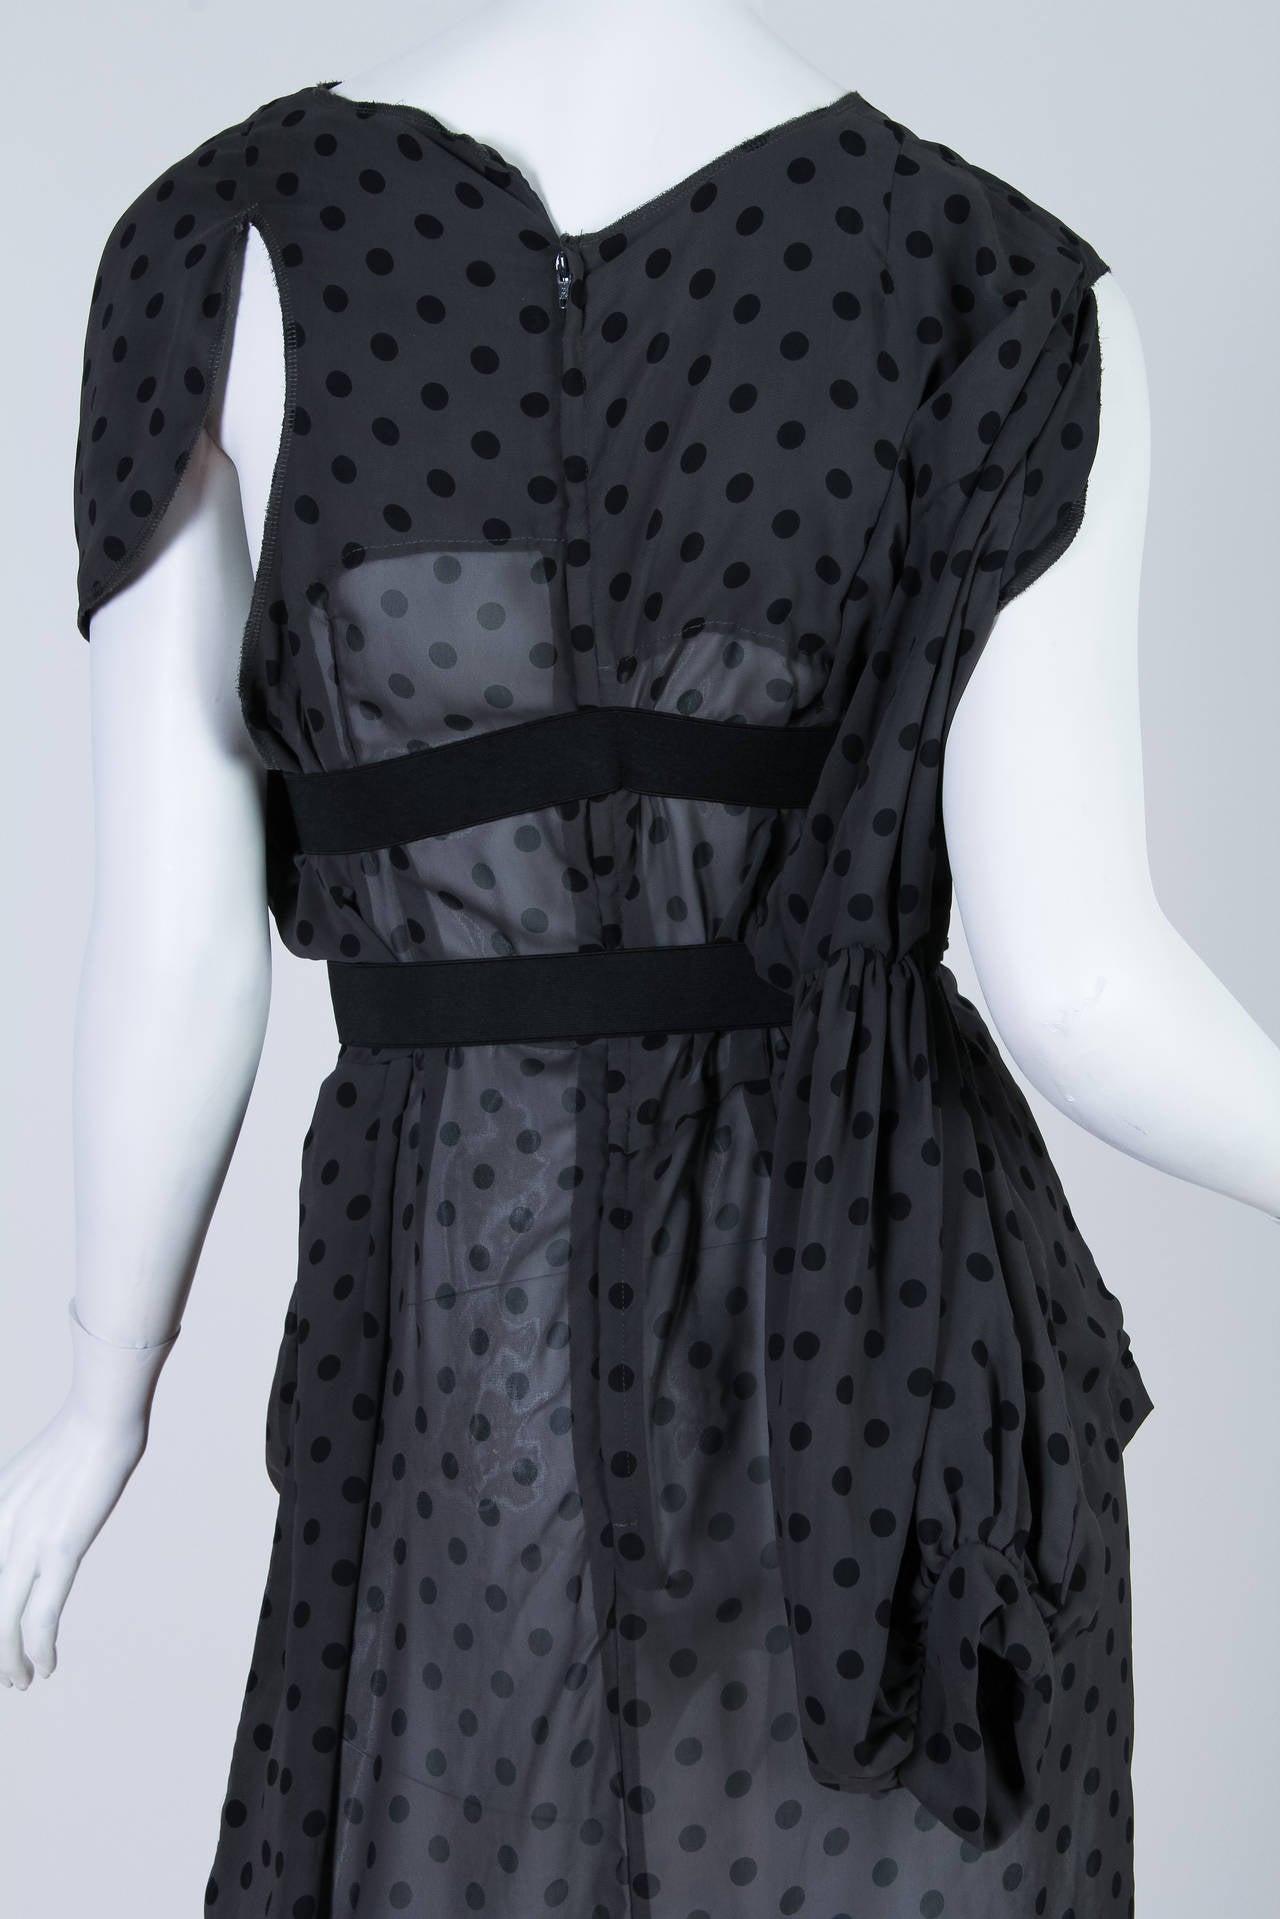 COMME des GARCONS  Deconstructed Chiffon Dress 6